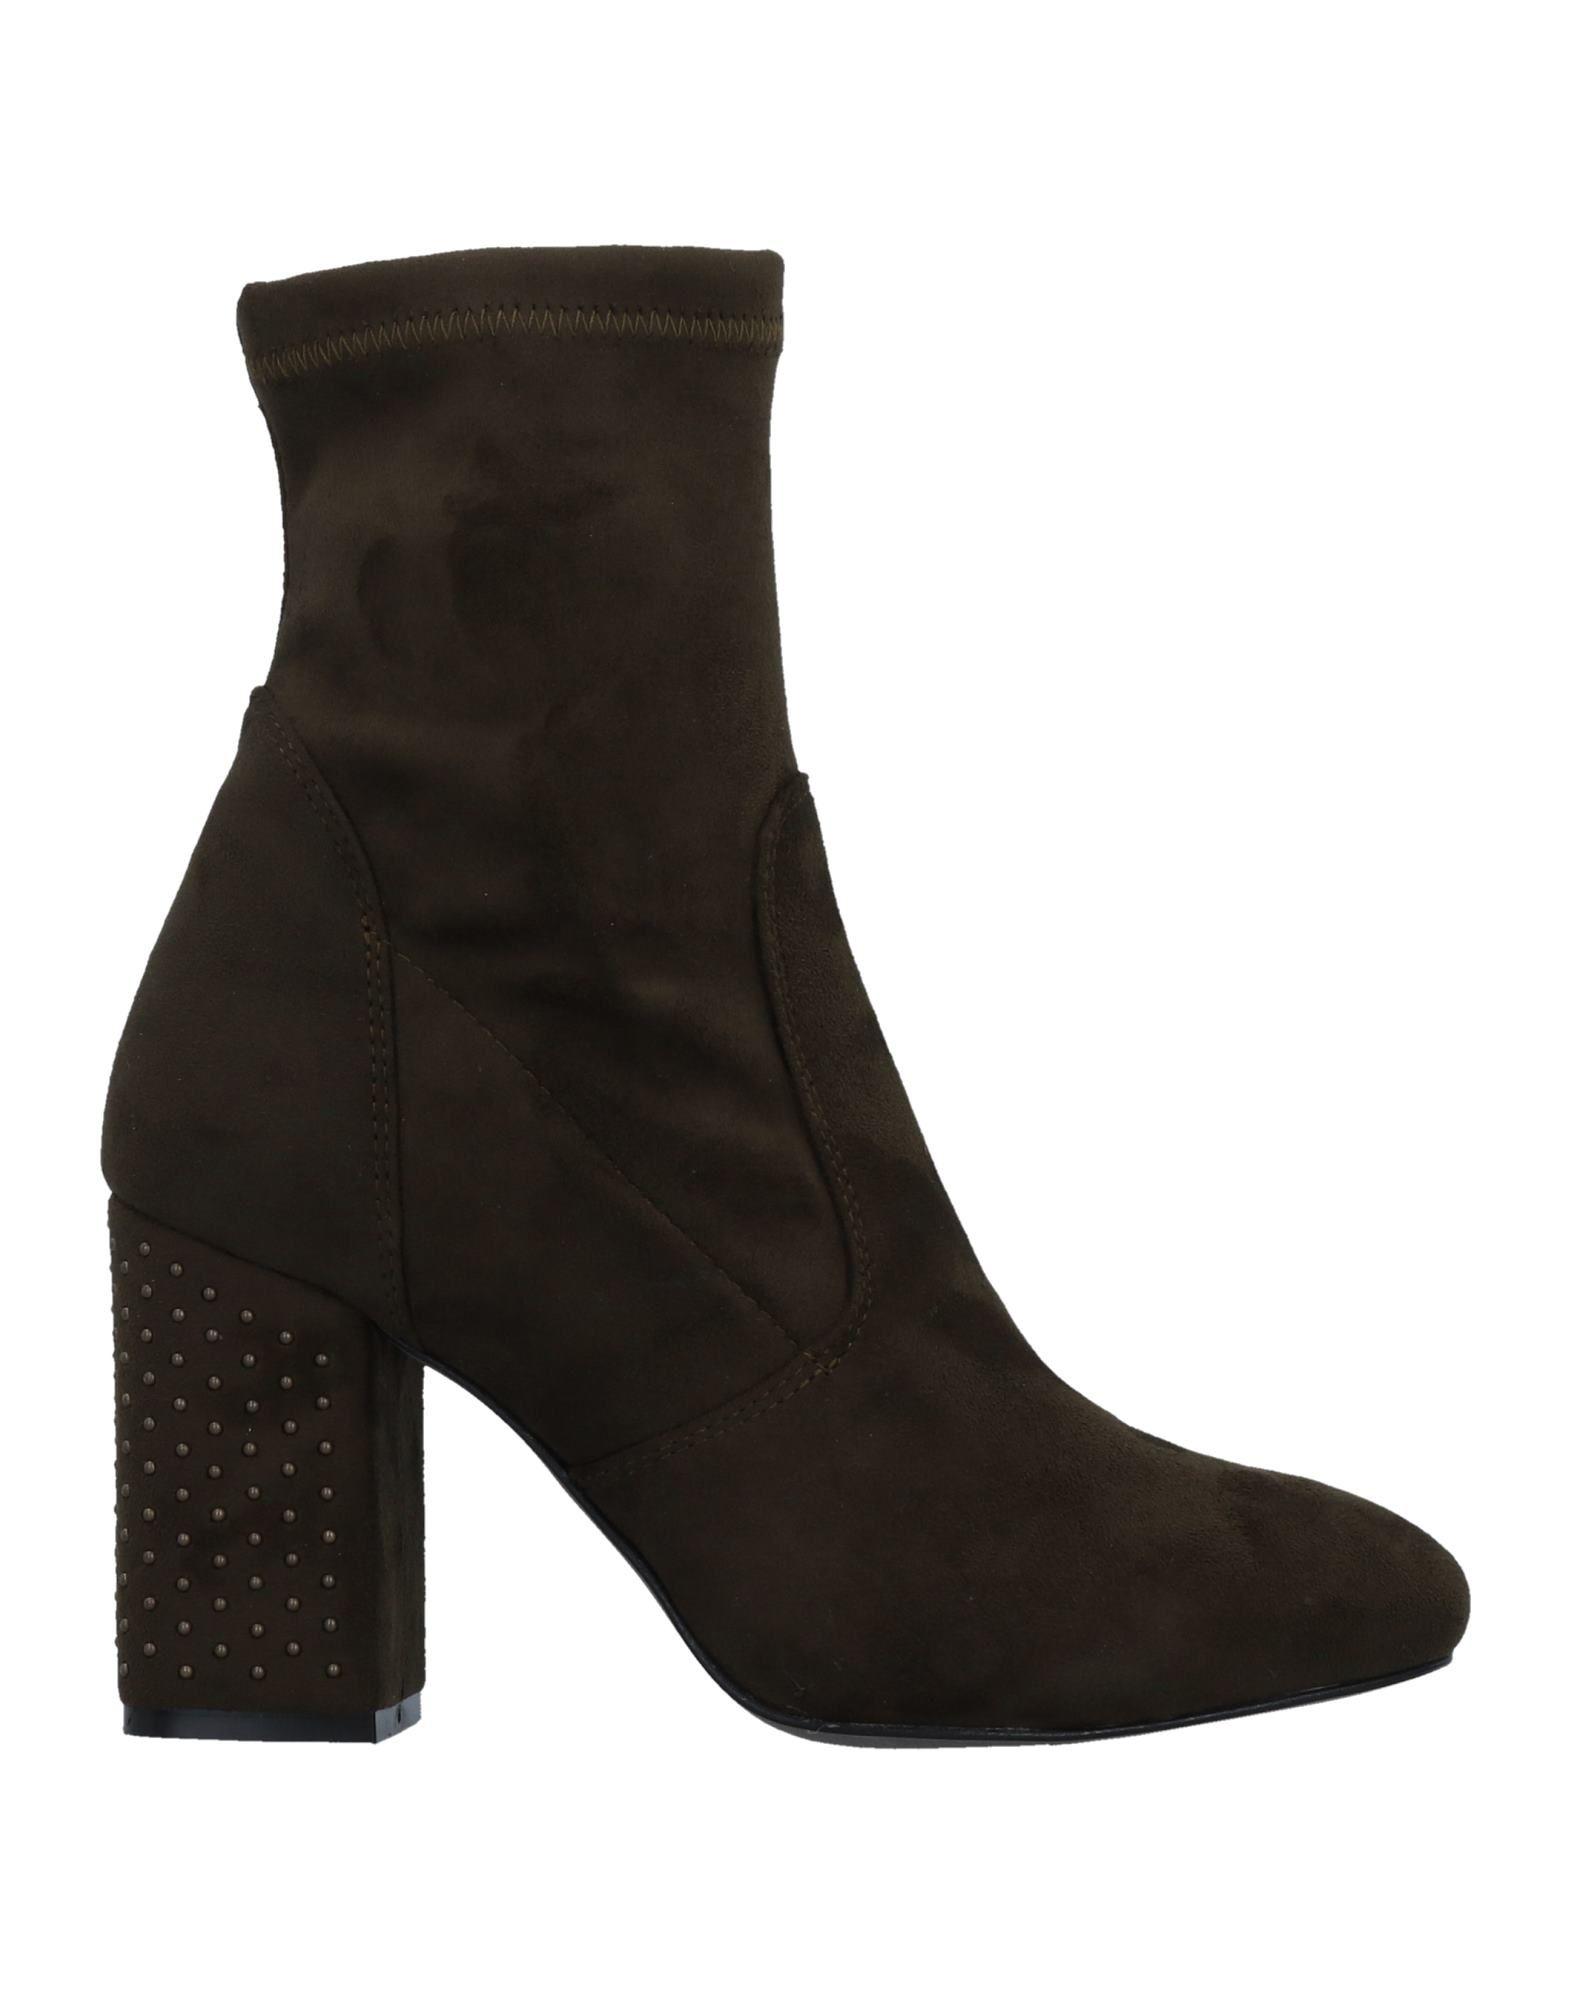 Lm Stiefelette Damen  11507911GG Gute Qualität beliebte Schuhe